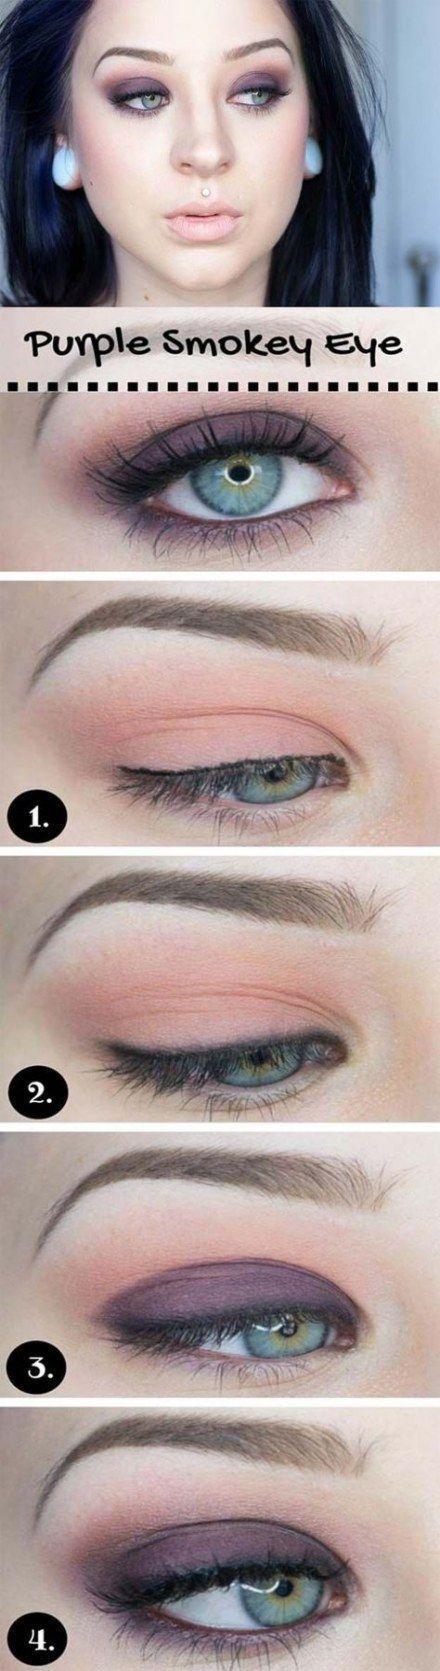 45 Trendige Ideen Make-up Blaue Augen Blondes Haar Rote Lippen Blasse Haut  #Woc…